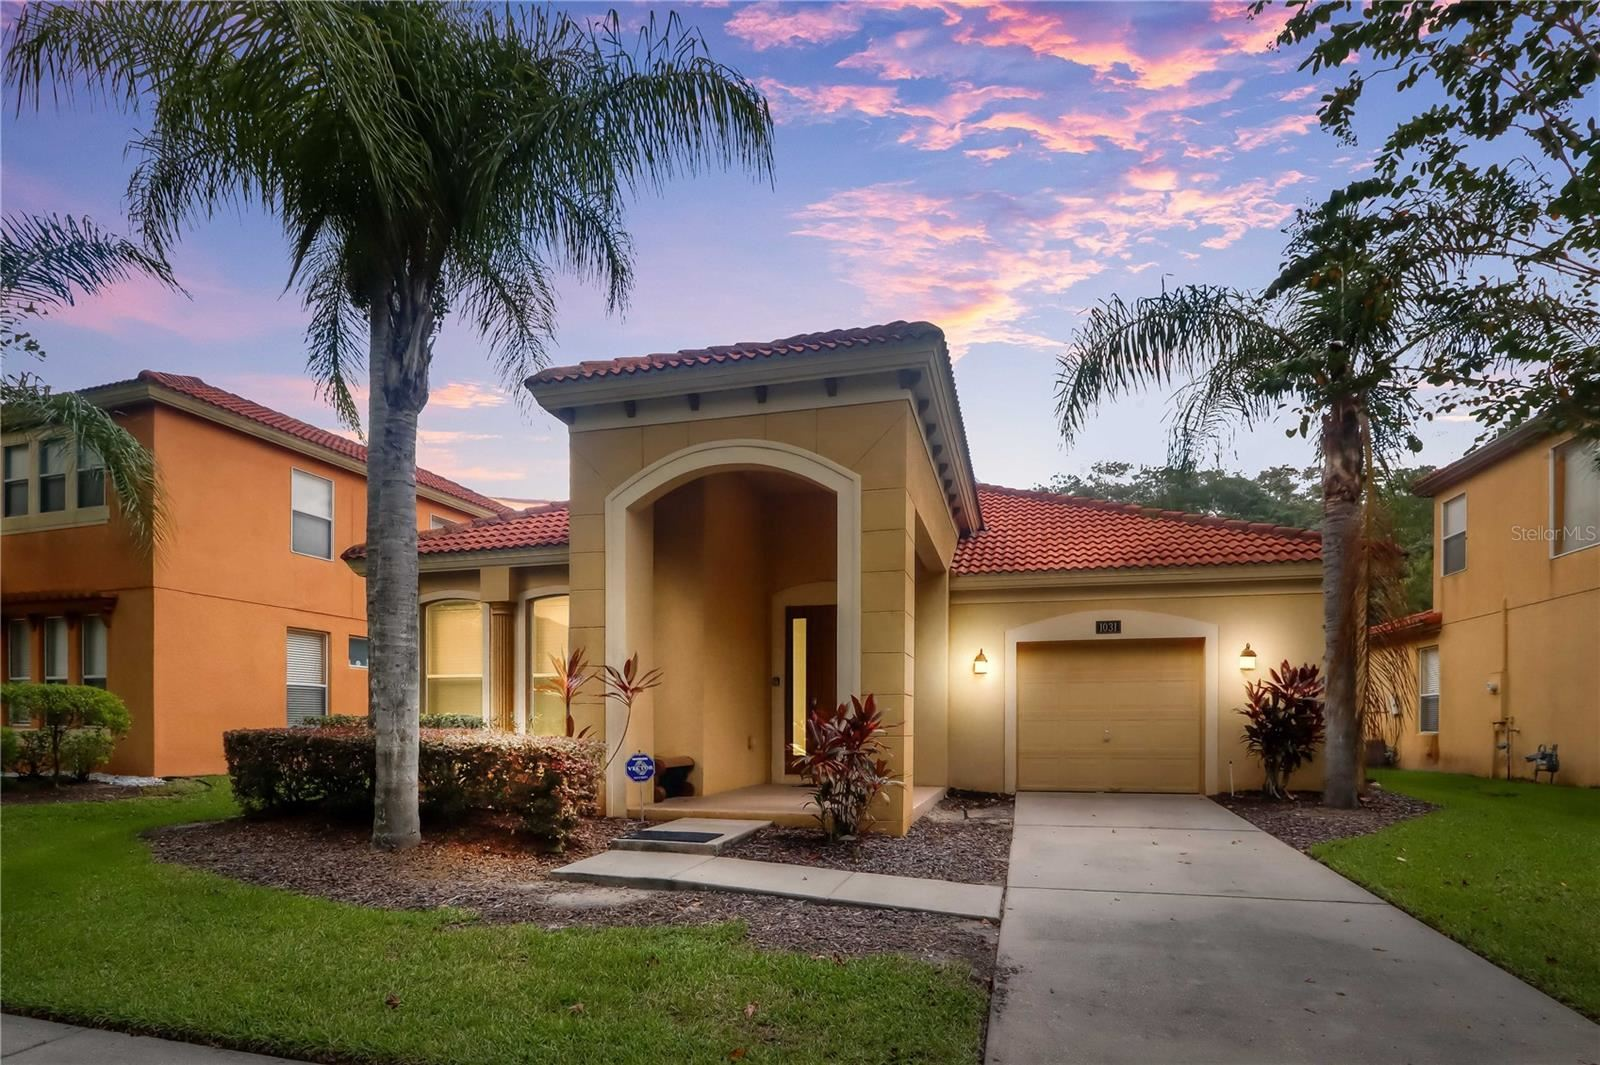 1031 MARCELLO BLVD, Kissimmee, FL 34746 - #: S5056192